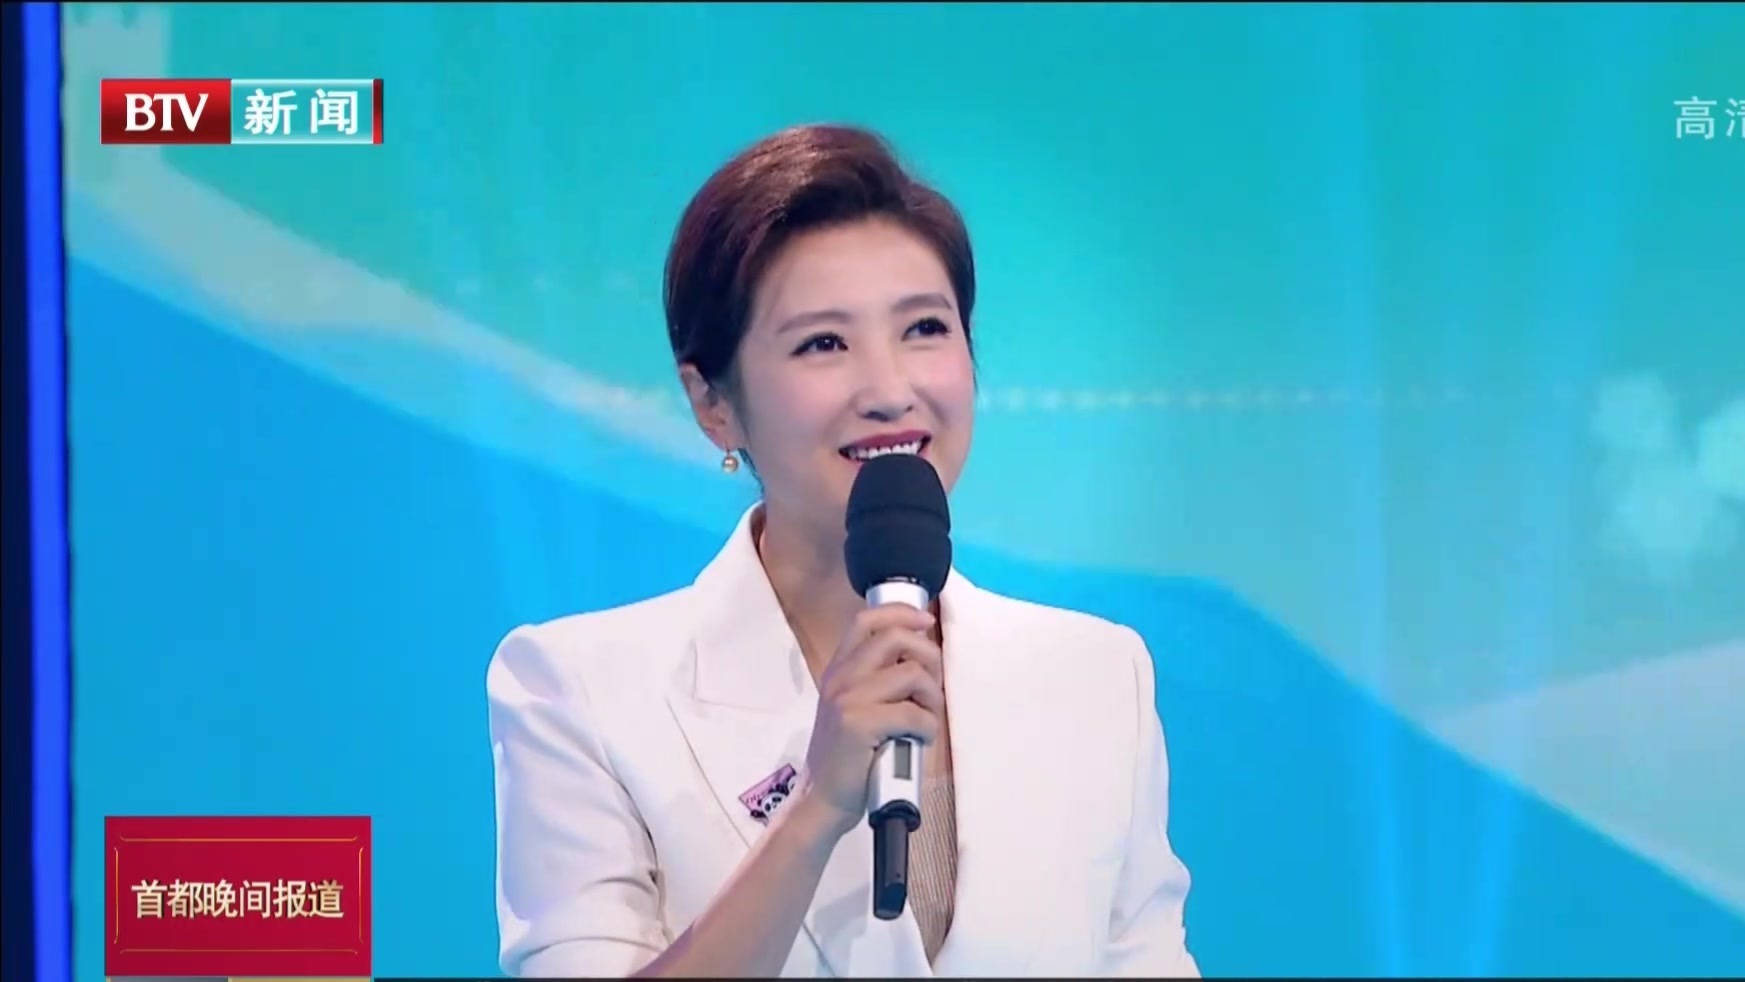 北京冬奥会第一届冬奥优秀音乐作品今晚八点发布